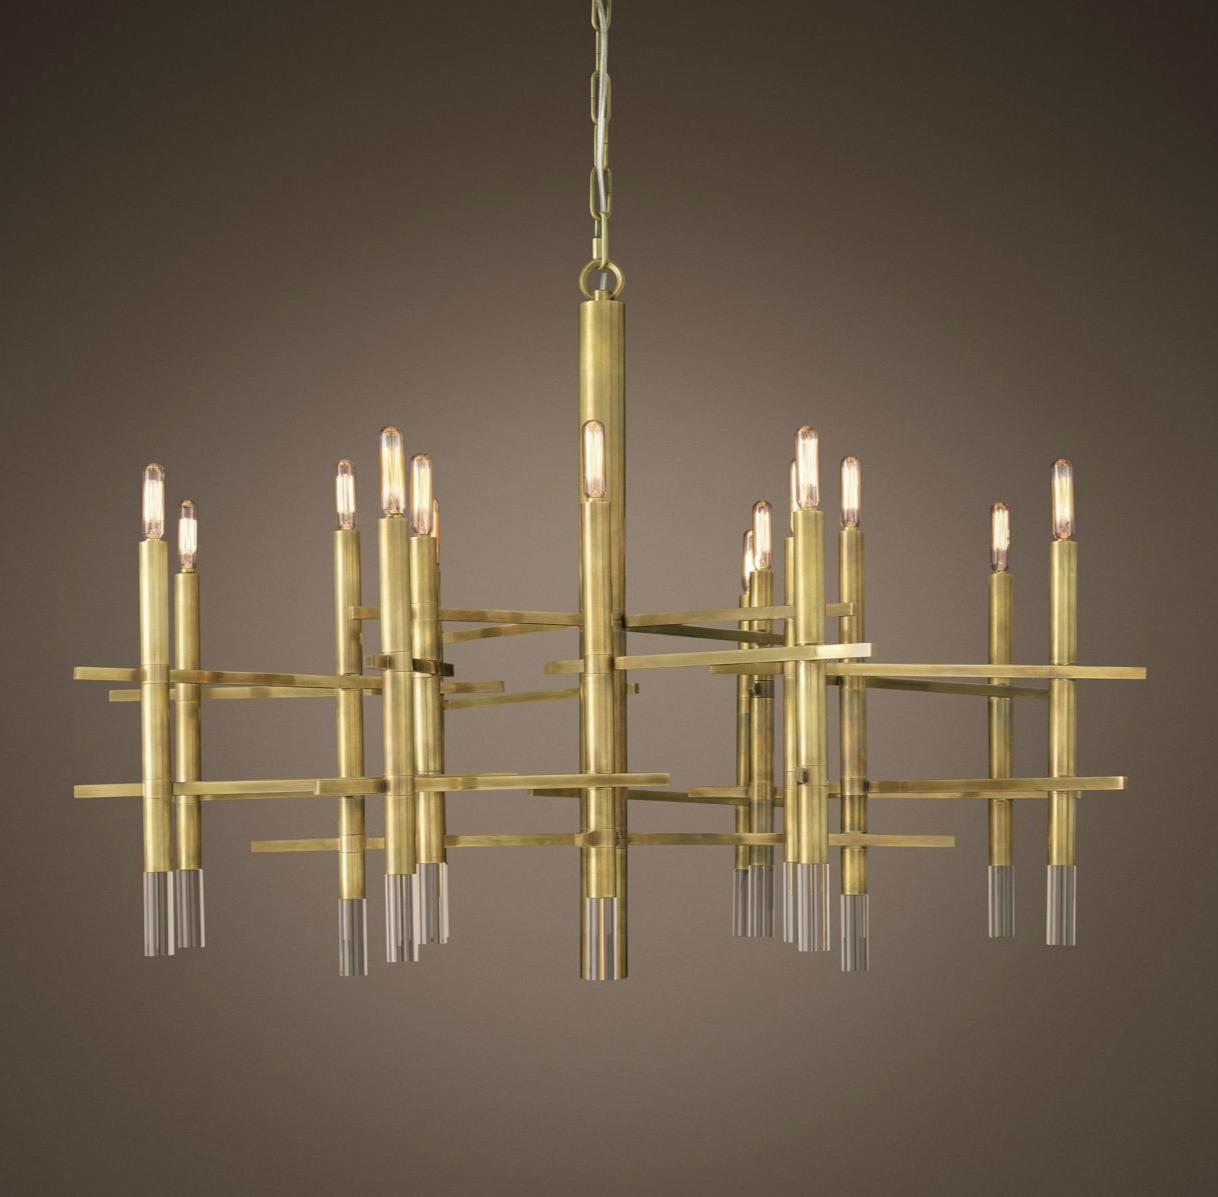 Brass chandelier by Restoration Hardware